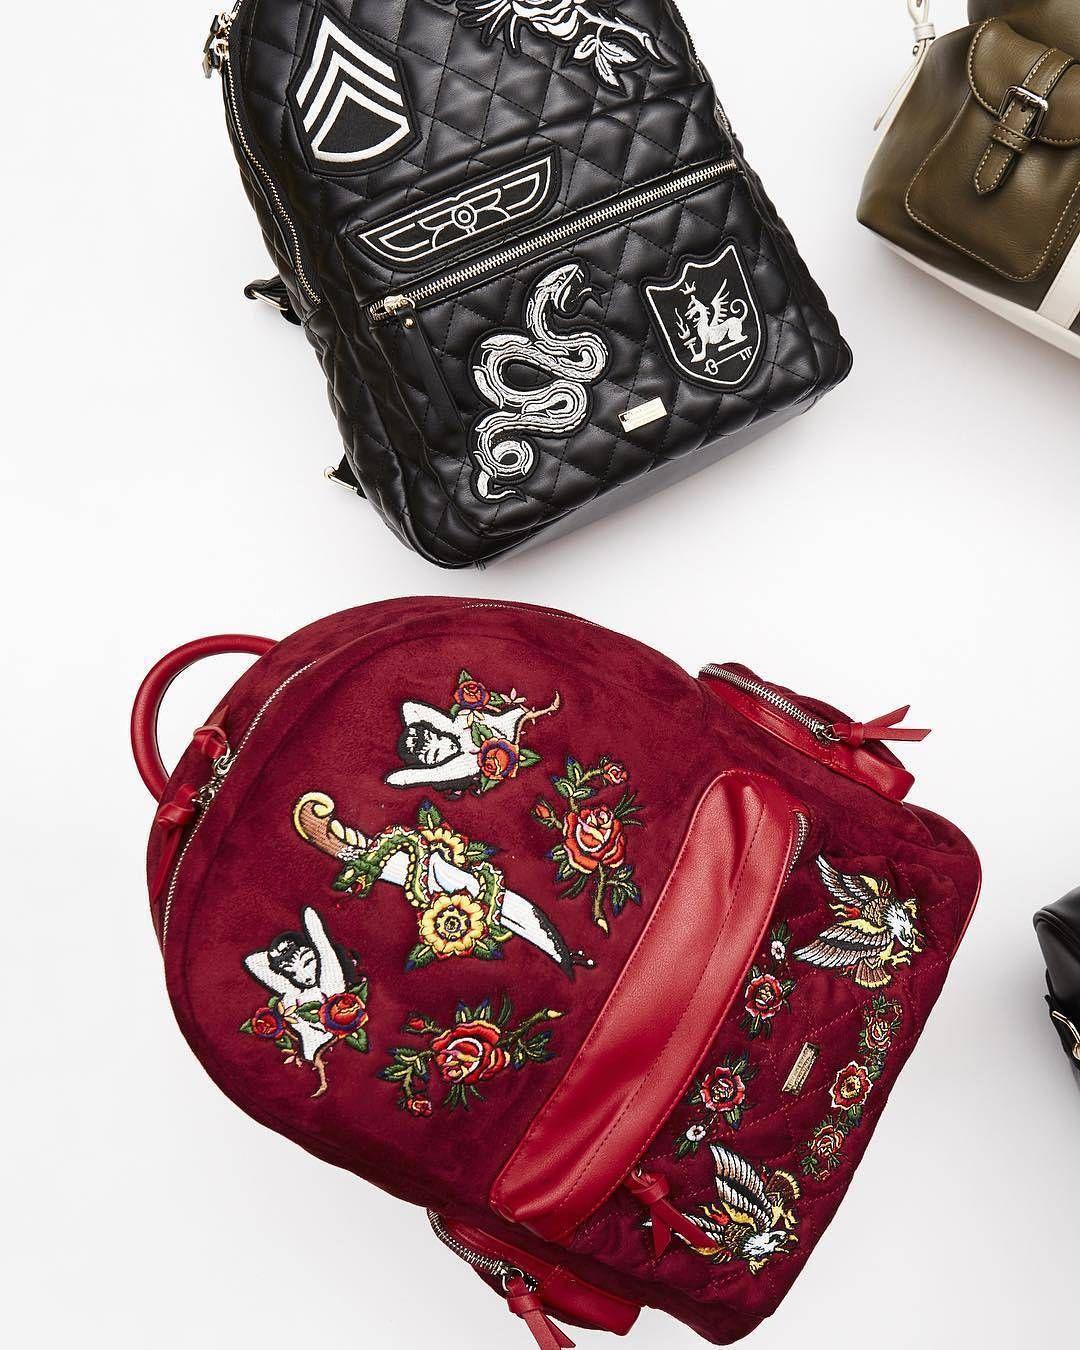 شنطة سايرن سويد و مدنايت كويلتيد من ماركة ريزون السعر الشنطة الحمرا ريال الشنطة السوداء ريال للطلب Louis Vuitton Monogram Monogram Fashion Backpack